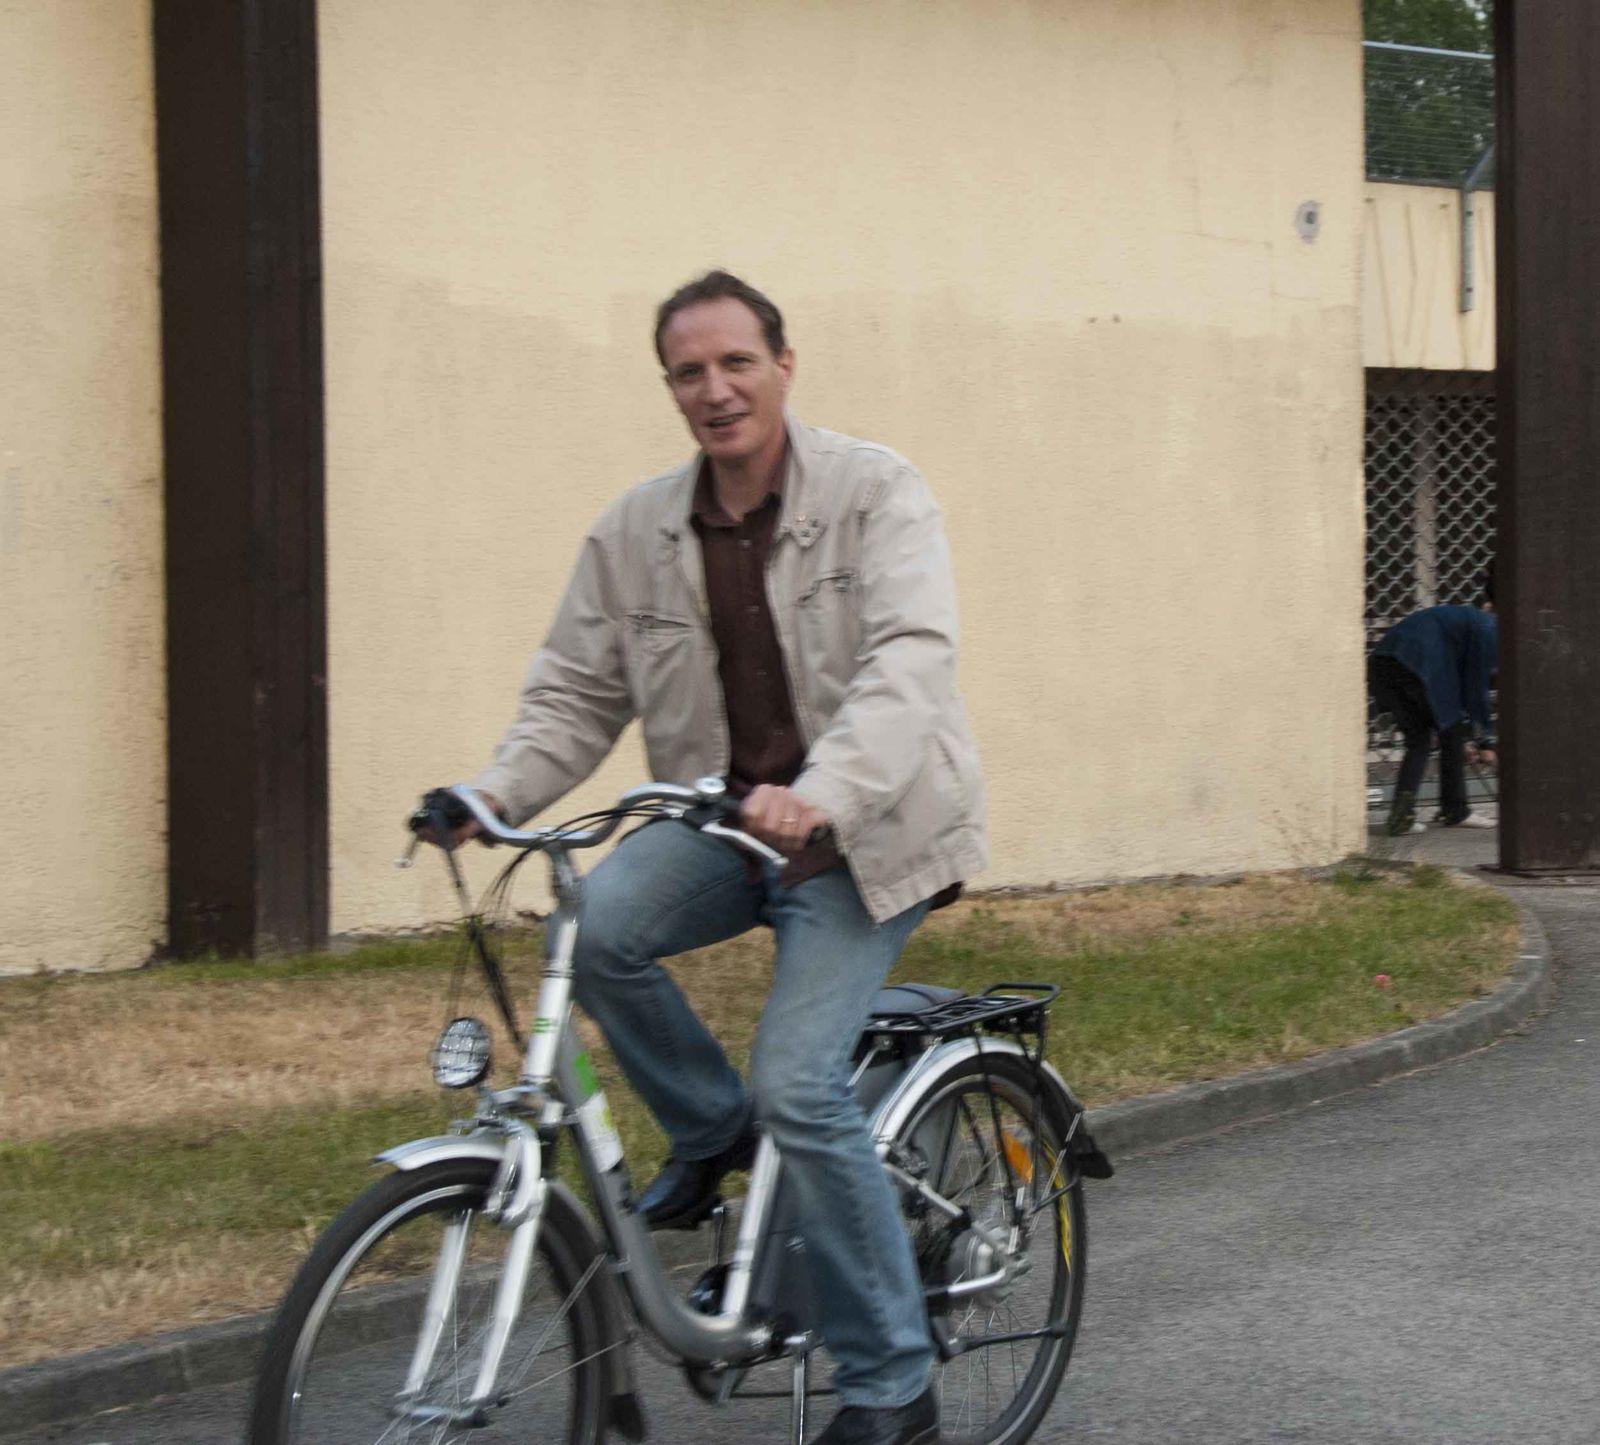 Fête des Voisins - Ecole Joseph Courtois - Quartier du Grand Steendam Coudekerque-Branche